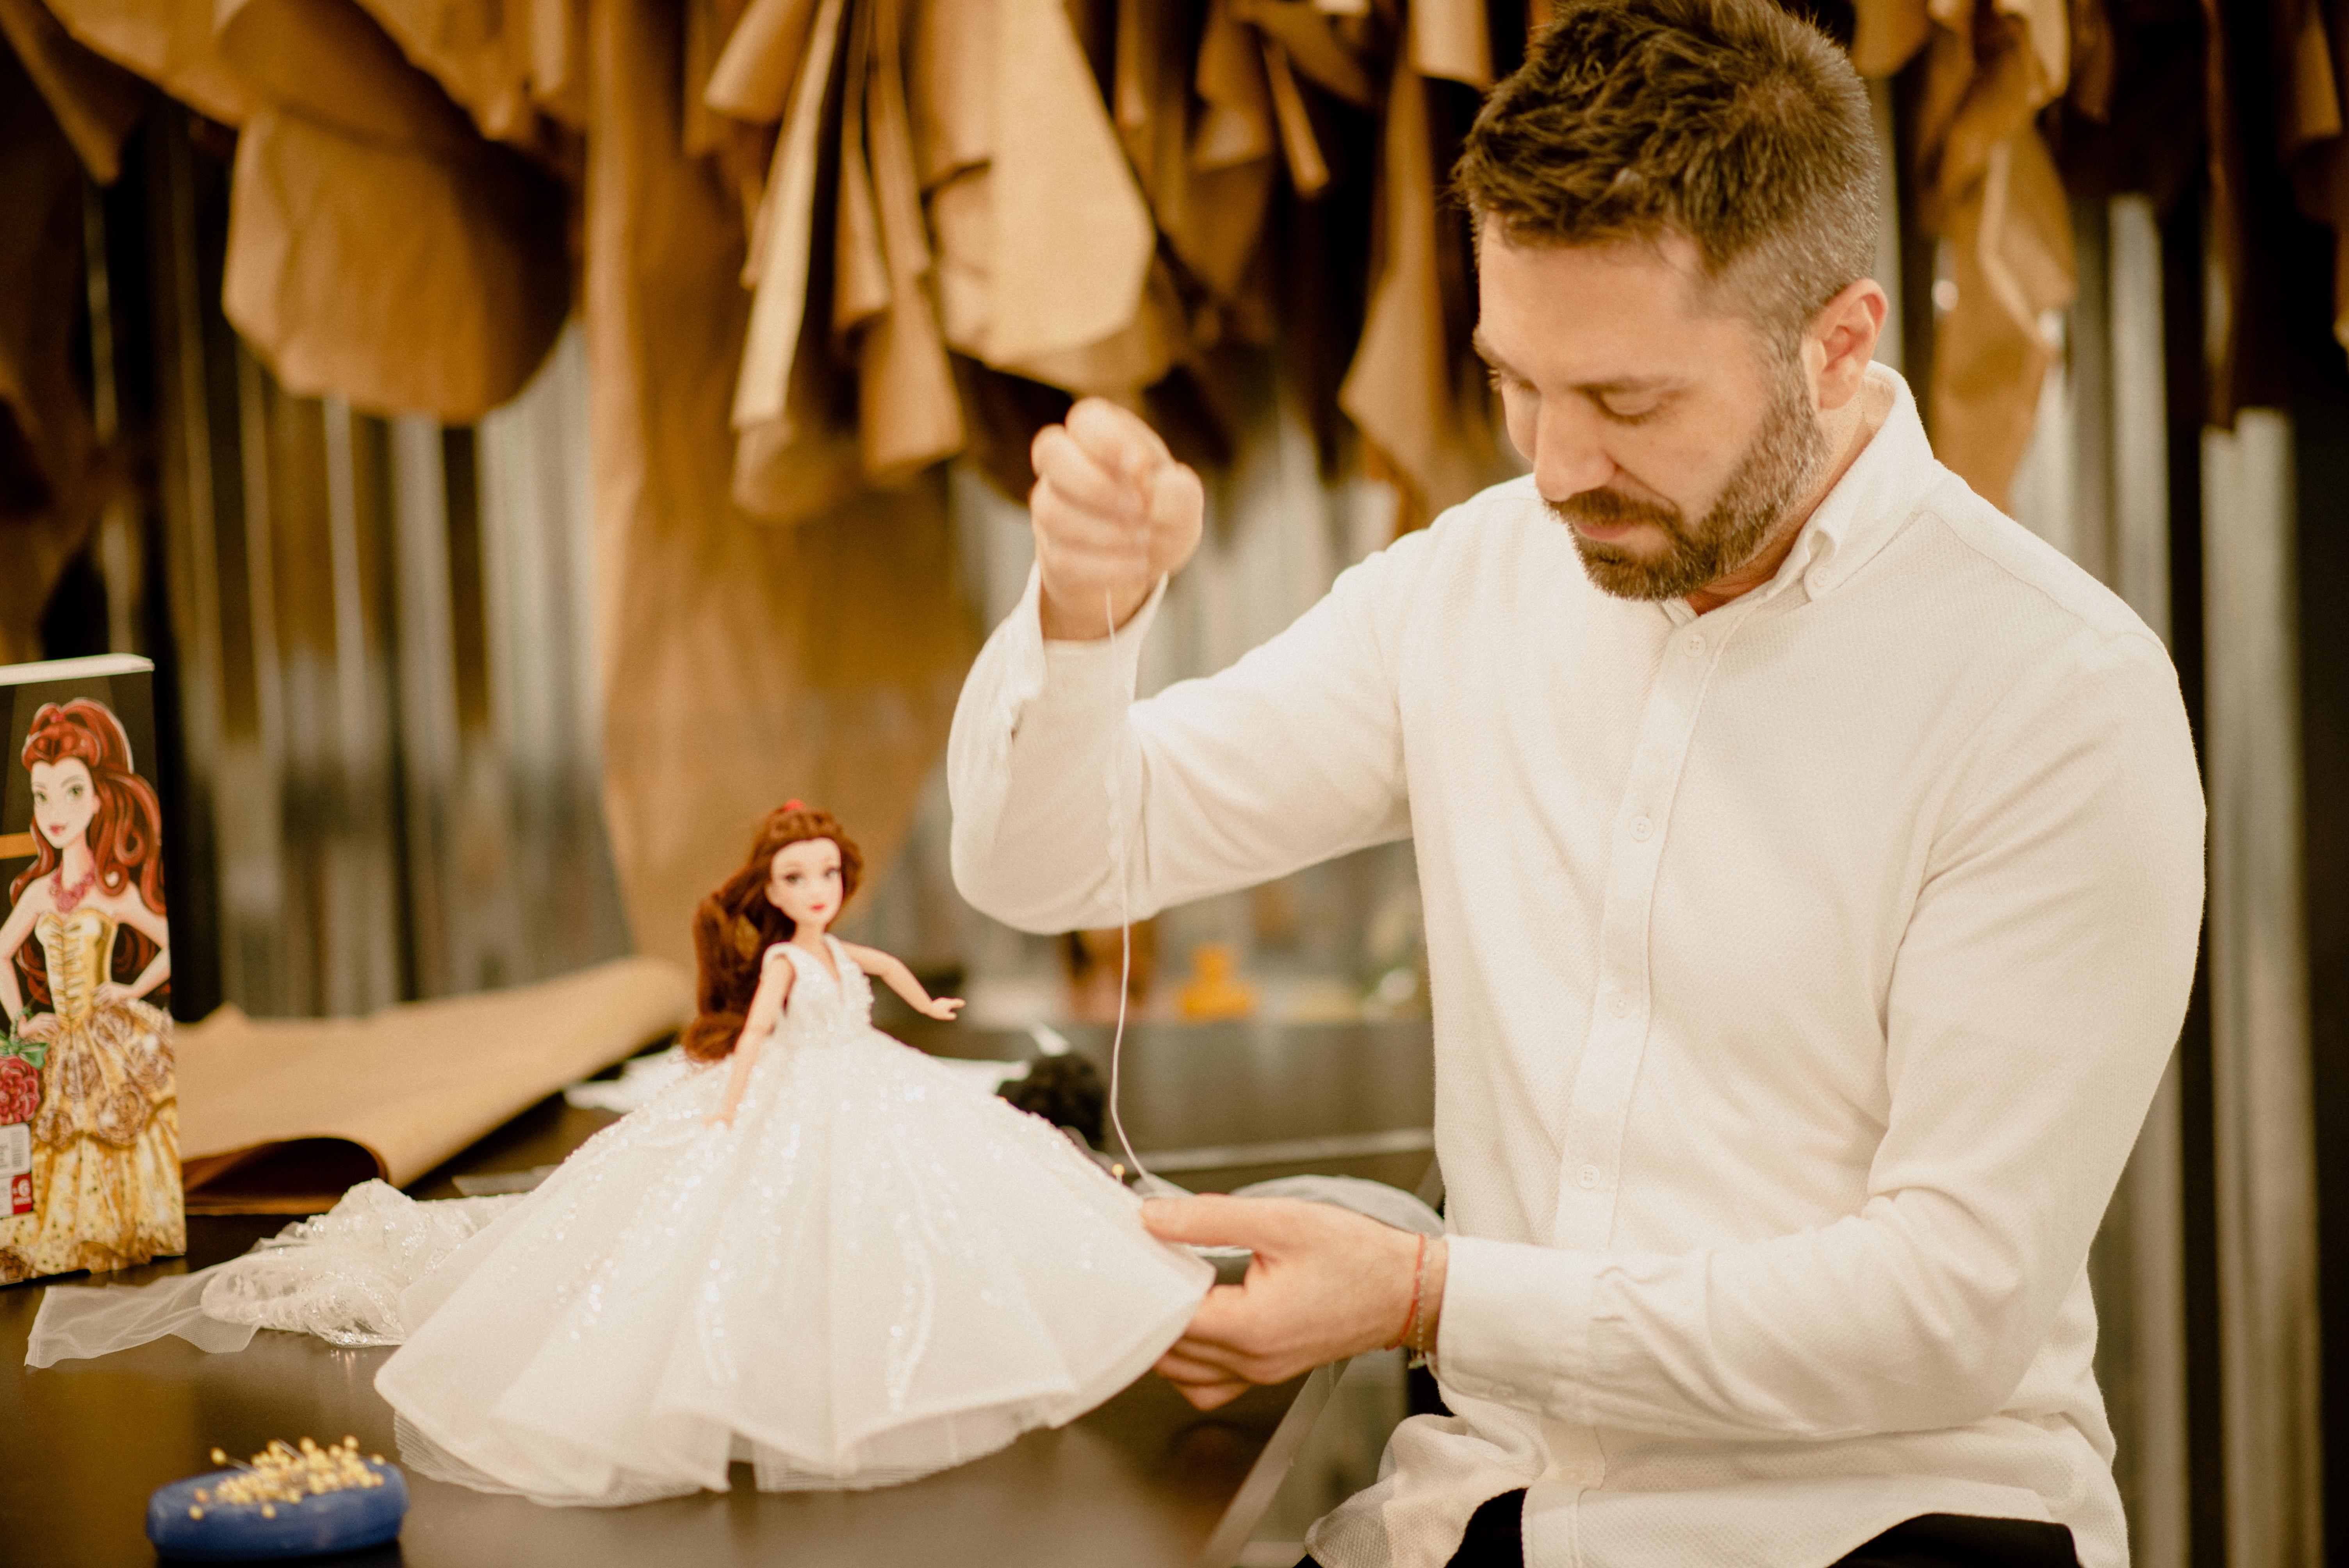 Lucas Anderi aparece costurando vestido de noiva em boneca. Veste camisa branca e calça preta.